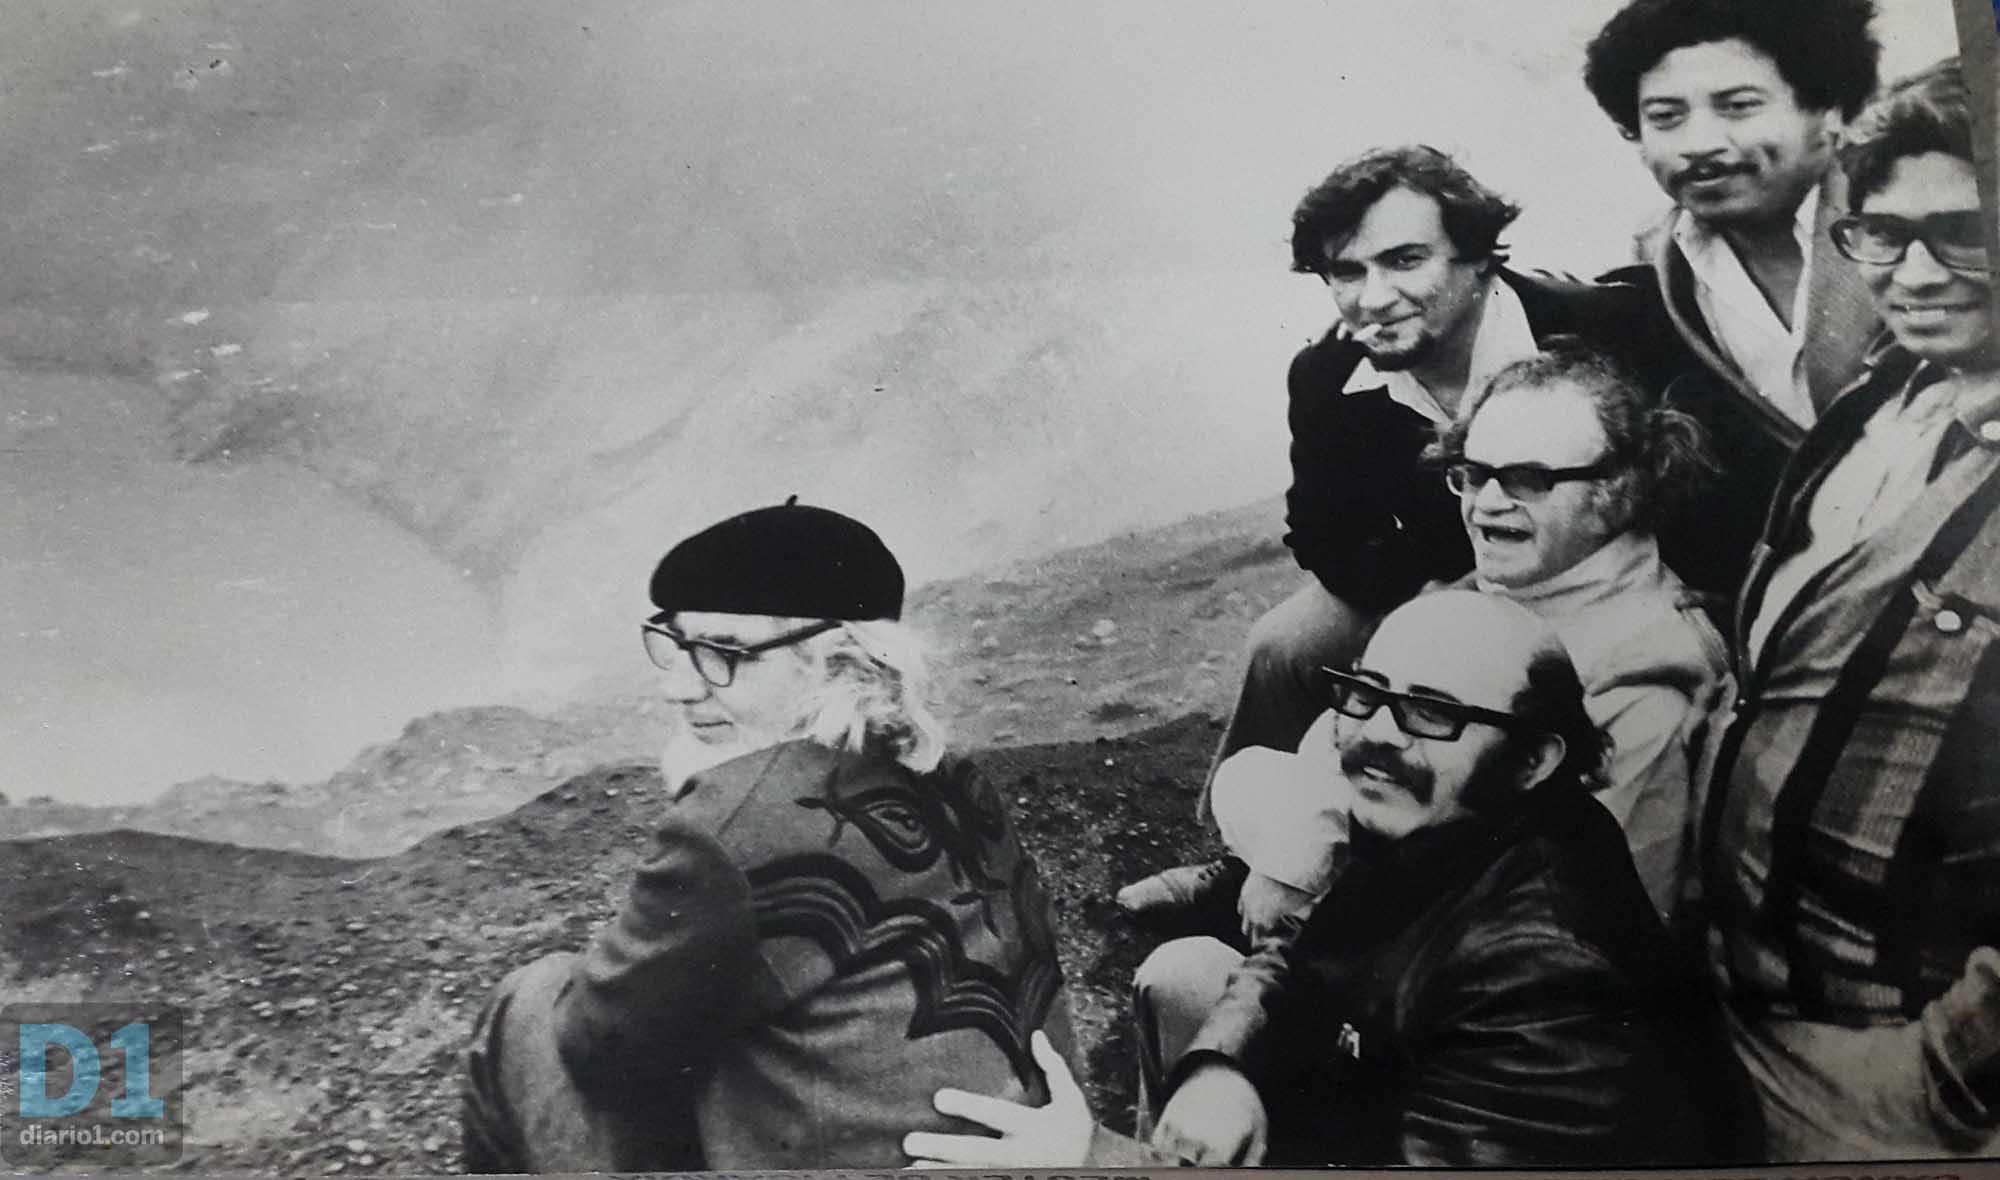 Foto D1: Salvador Sagastizado. Roberto Cea con Manlio Argueta y Ernesto Cardenal en el volcán Irazú de Costa Rica.